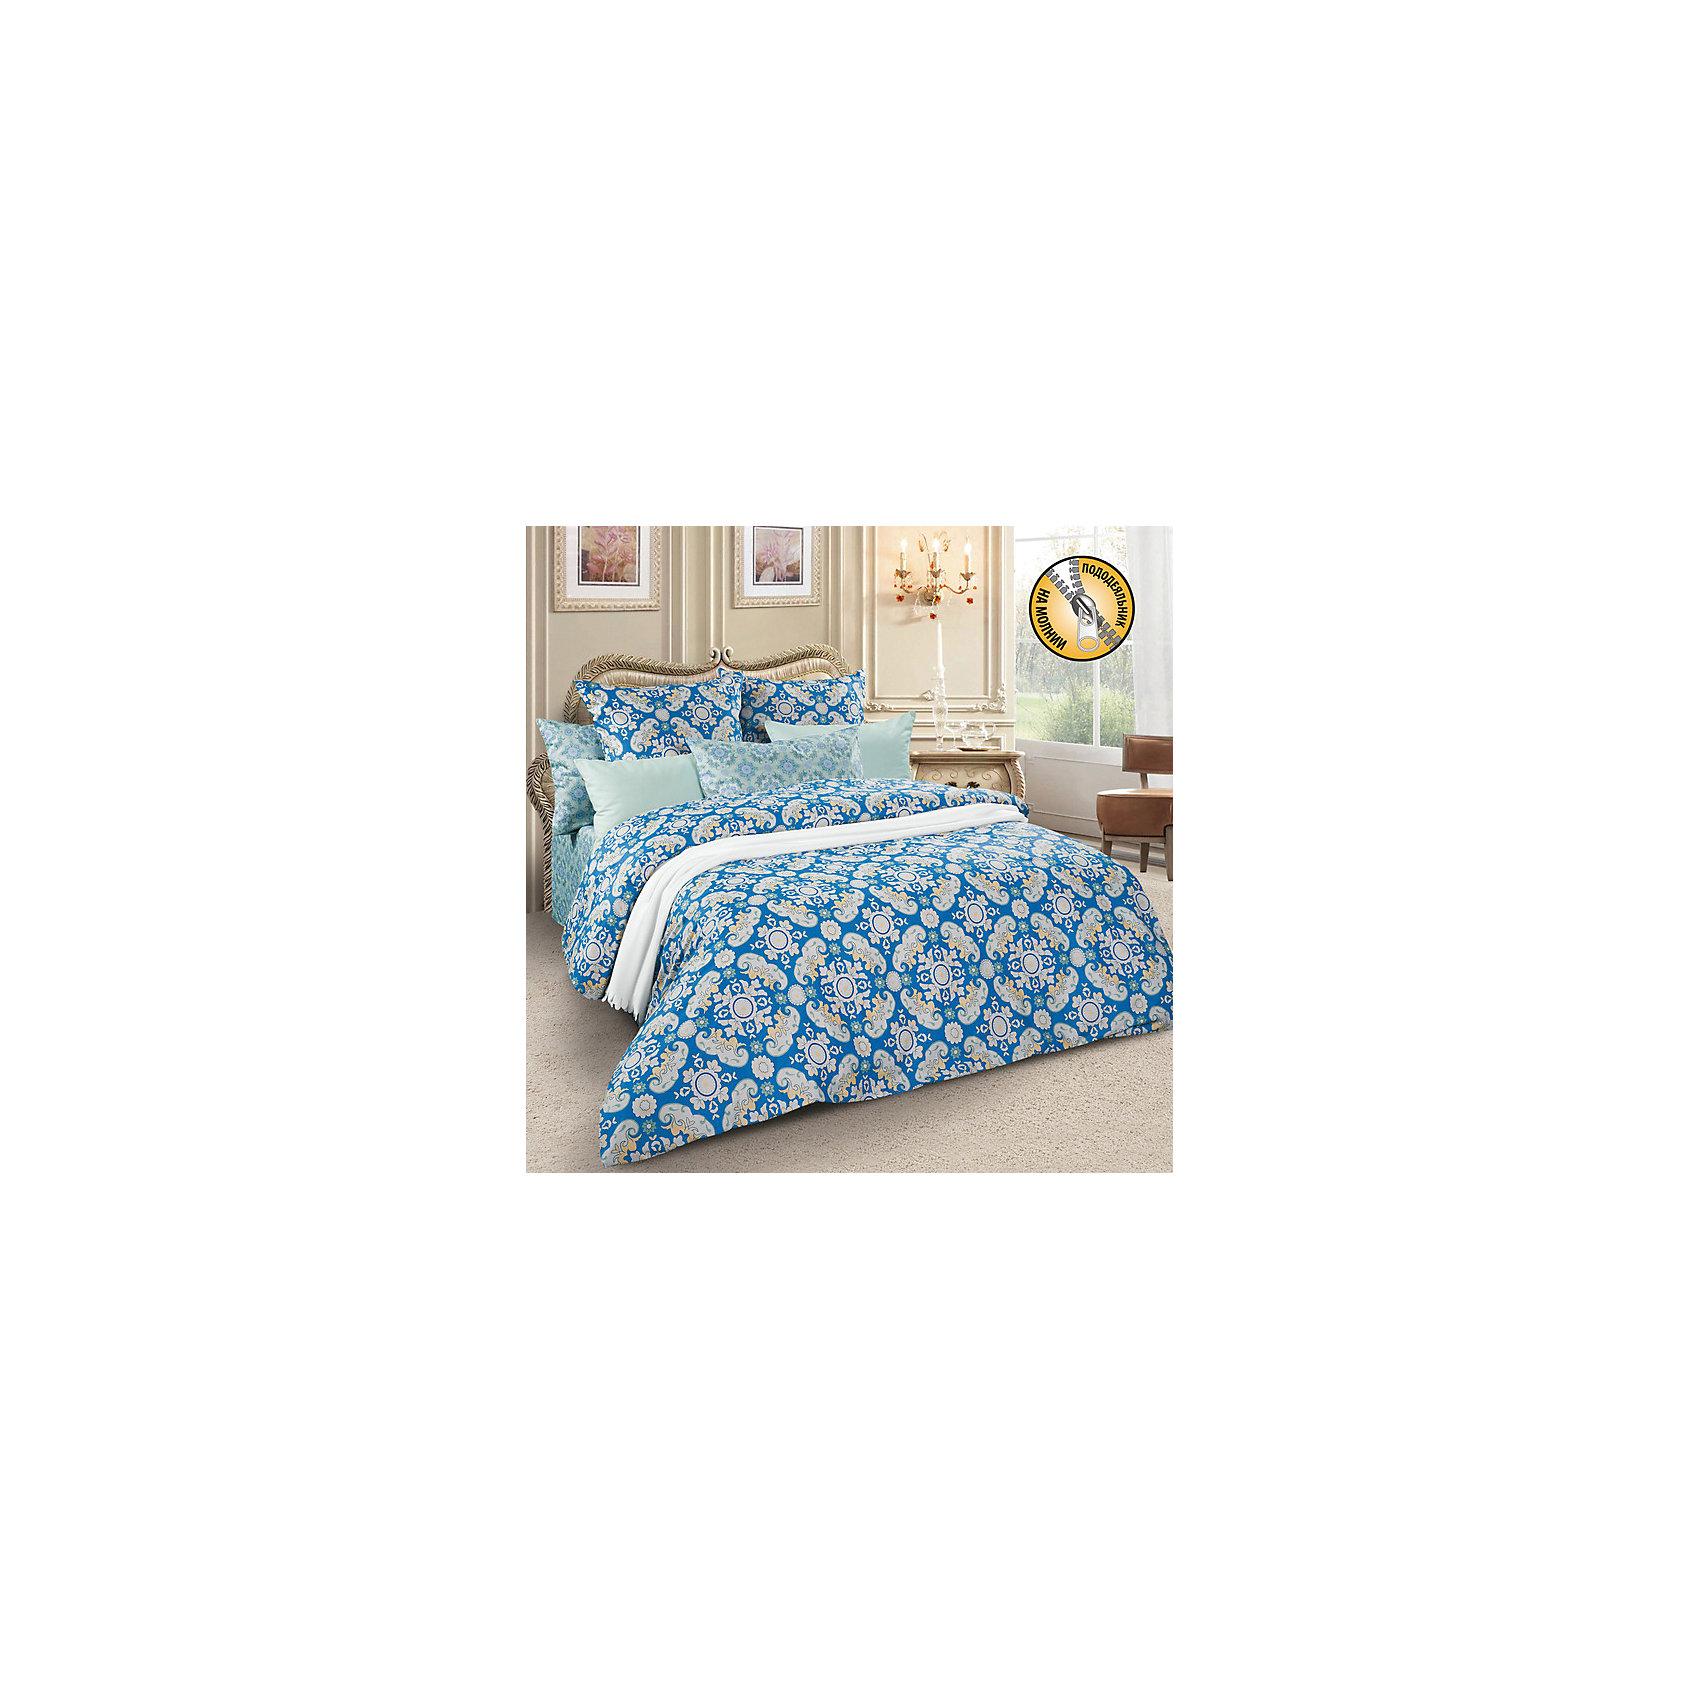 Letto Постельное белье 1,5 сатин SM59, Letto (70*70) постельное белье любимый мишка сатин 1 5 спальный